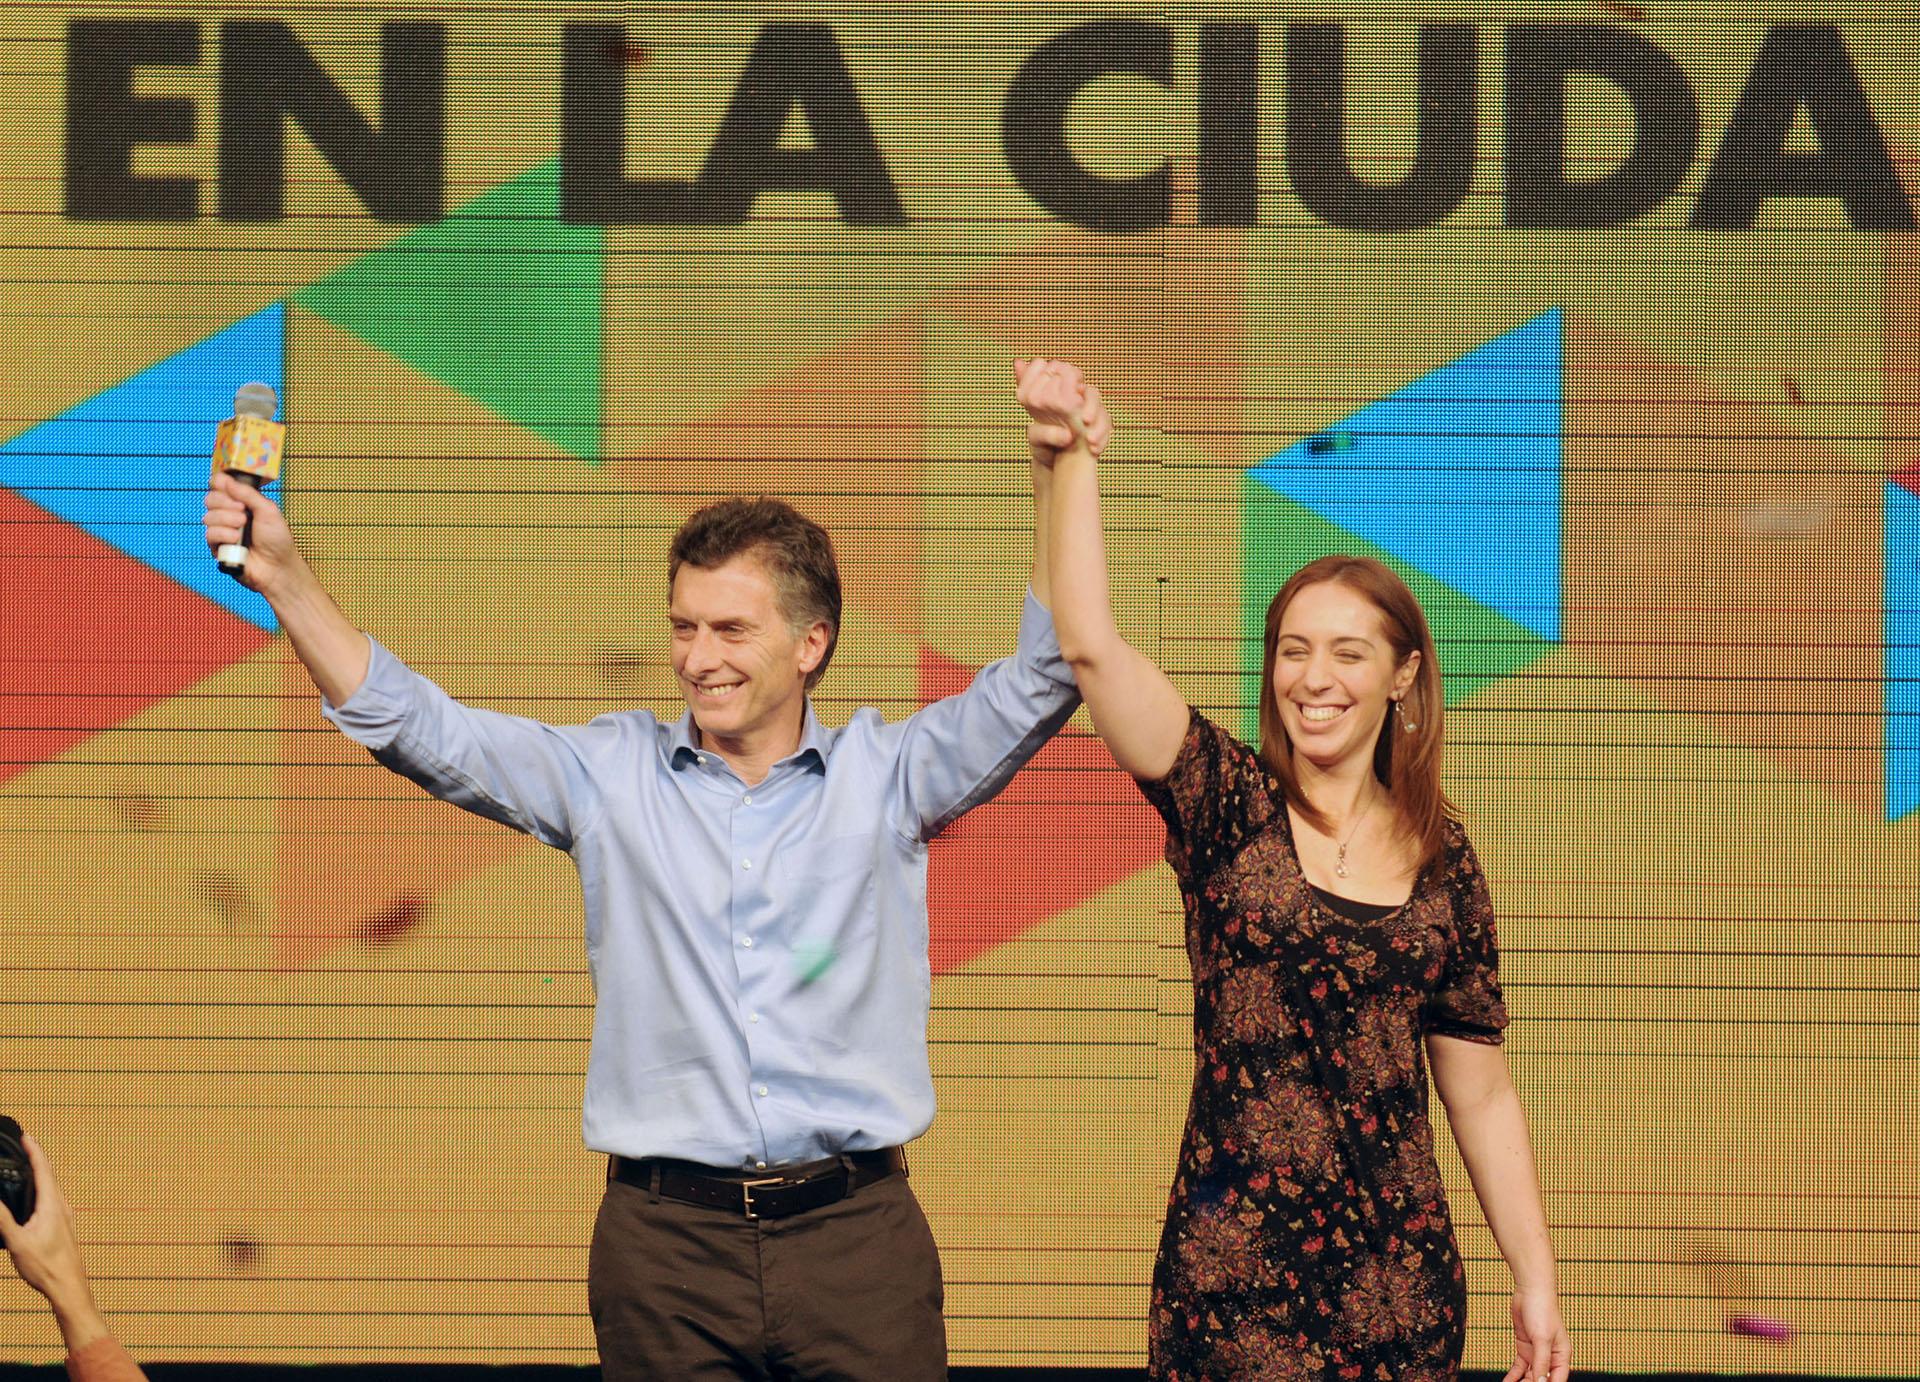 2011. Festejo del nuevo triunfo del PRO en la ciudad de Buenos Aires junto a su compañera de fórmula, María Eugenia Vidal